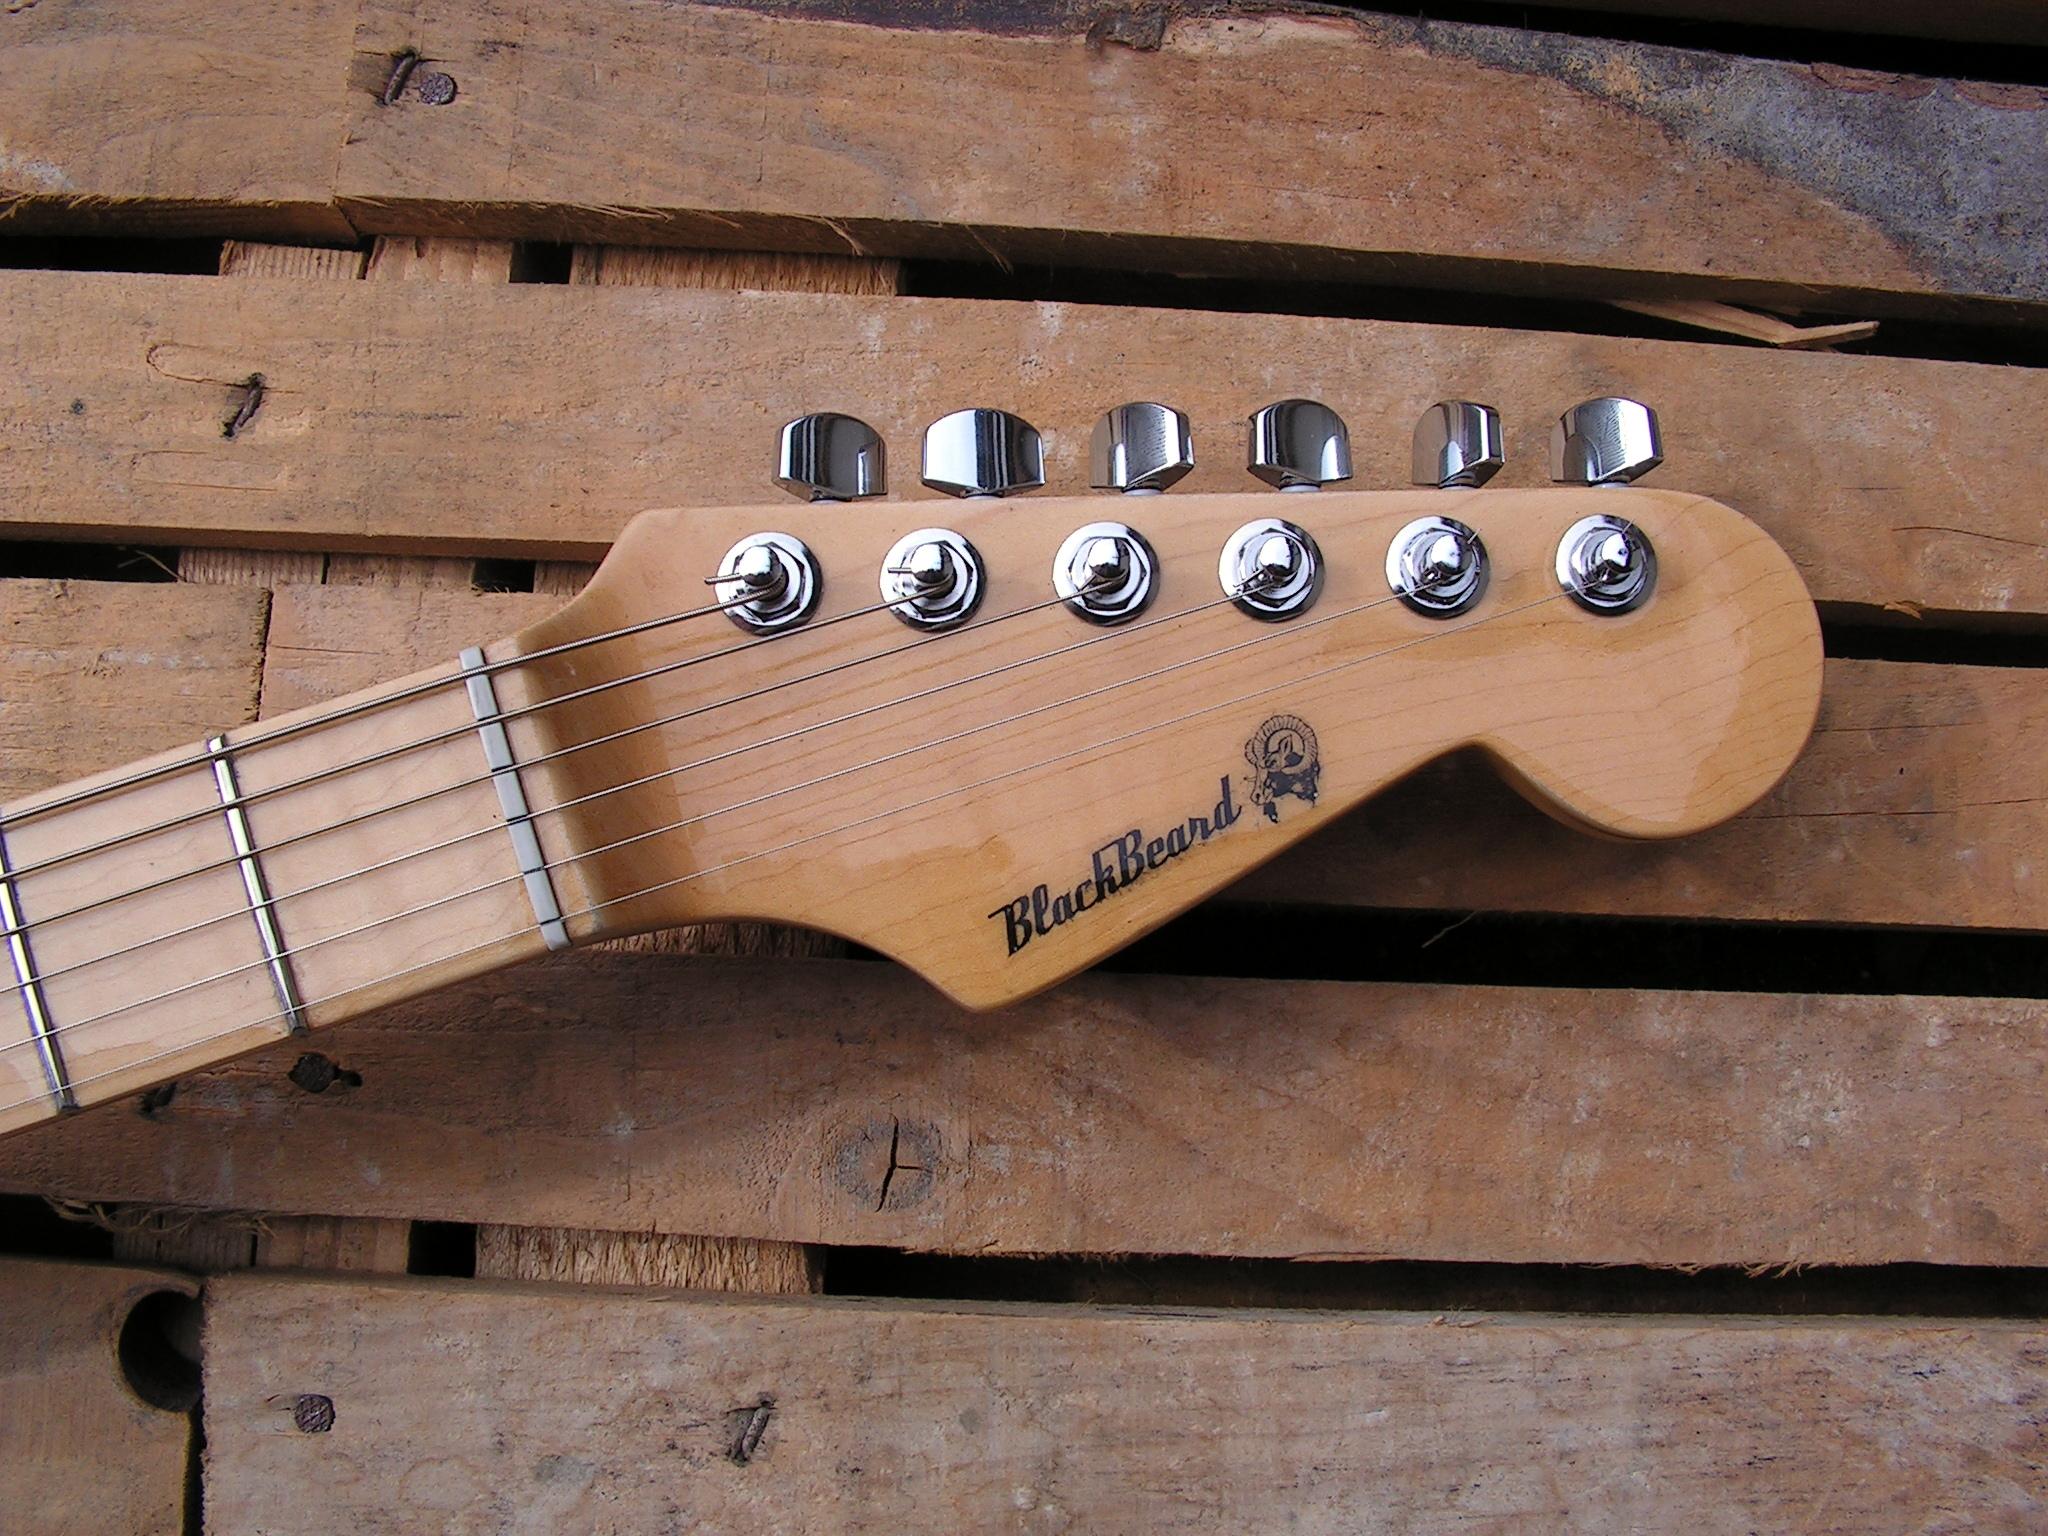 Paletta in acero di una chitarra Stratocaster con due humbucker